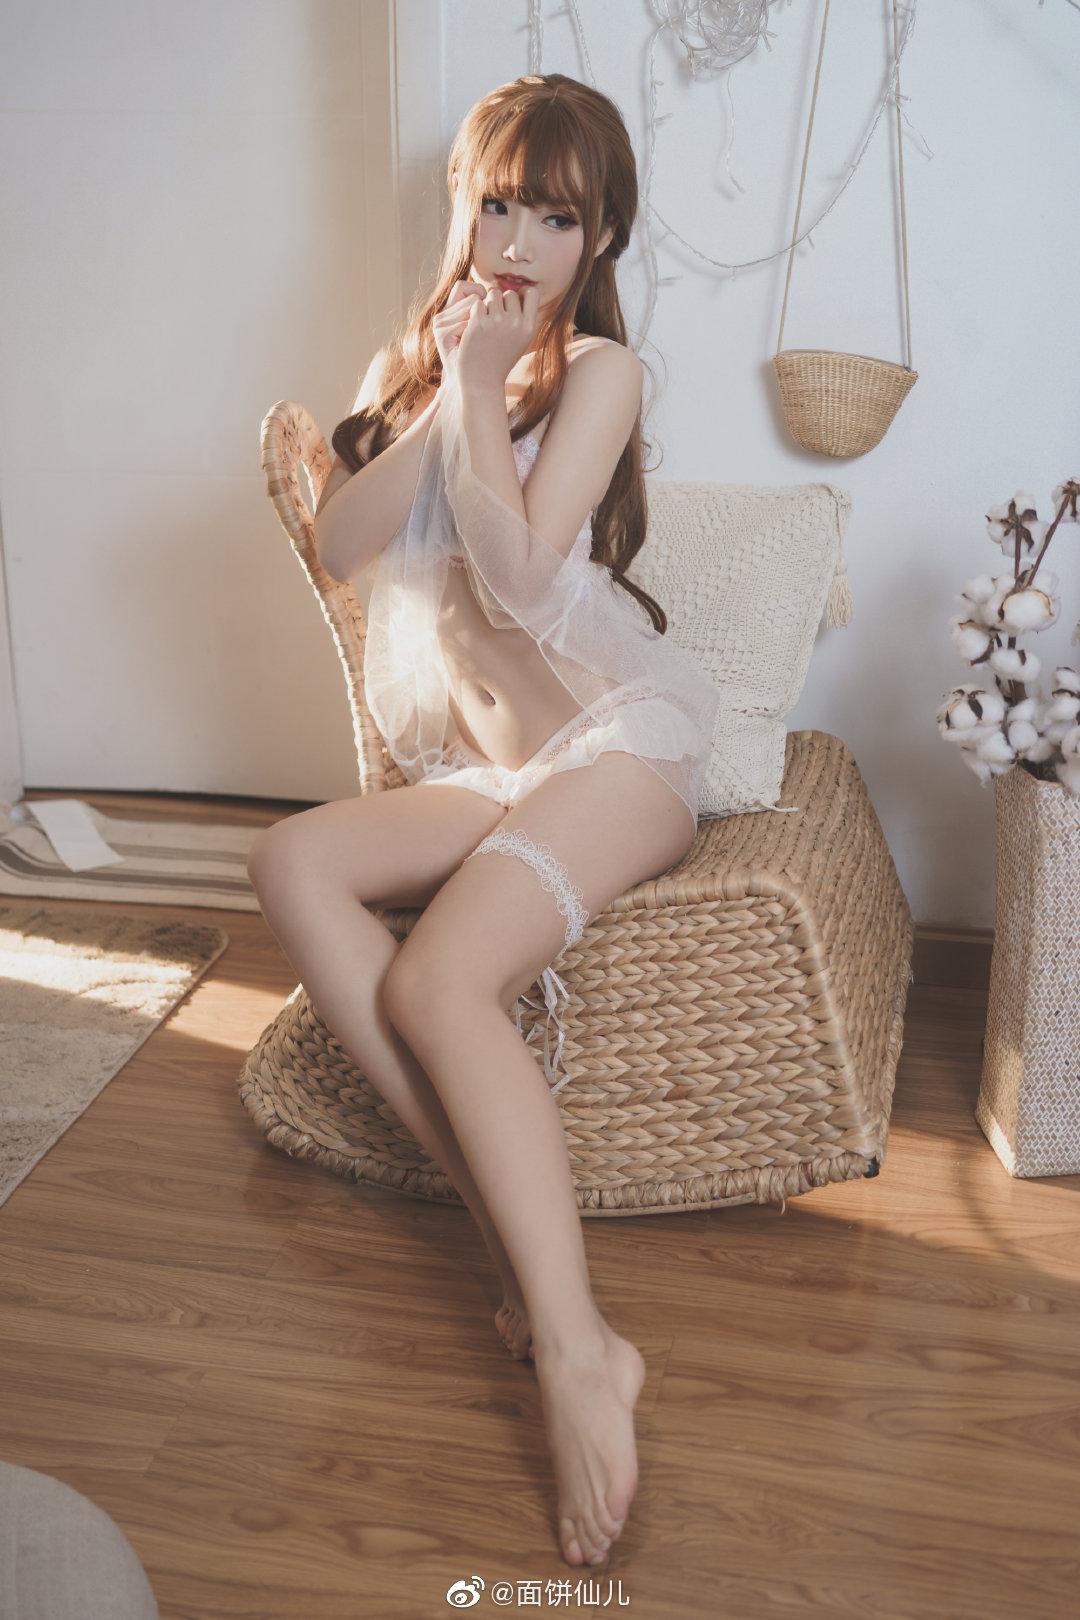 天气太热,这就是你在家穿这种睡衣的理由?